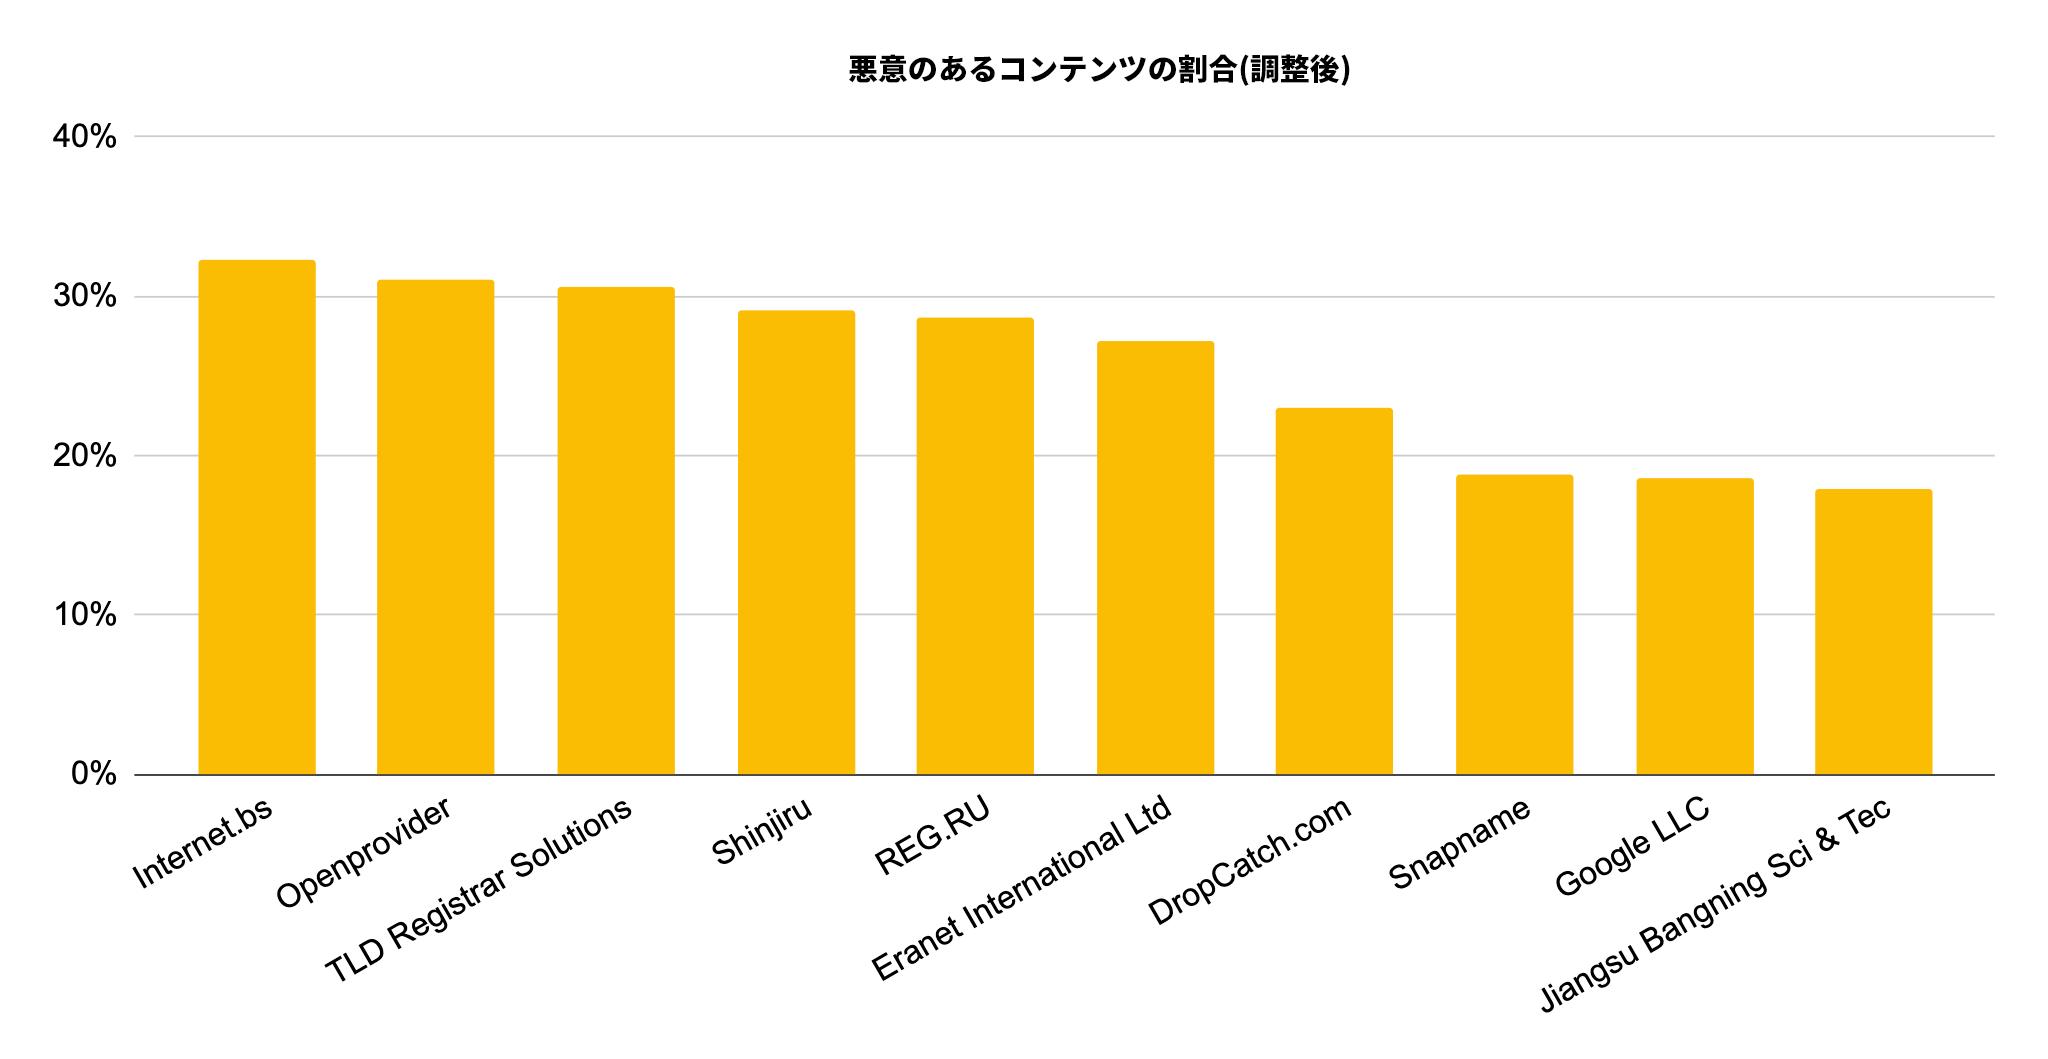 調整悪質率によりランク付けされた、2019年12月にサイバースクワッティングにより最も悪用された上位10社のレジストラは、Internet.bs、Openprovider、TLD Registrar Solutions、Shinjiru、REG.RU、Eranet Inernational Ltd、DropCatch.com、Snapname、Google LLC、およびJiangsu Bangning Sci & Tecです。